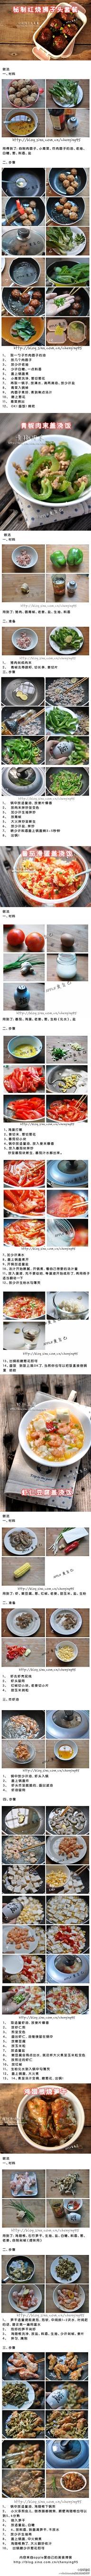 【31道超诱人午餐做法(2)】 午餐天天不重样,一天一道换着来!